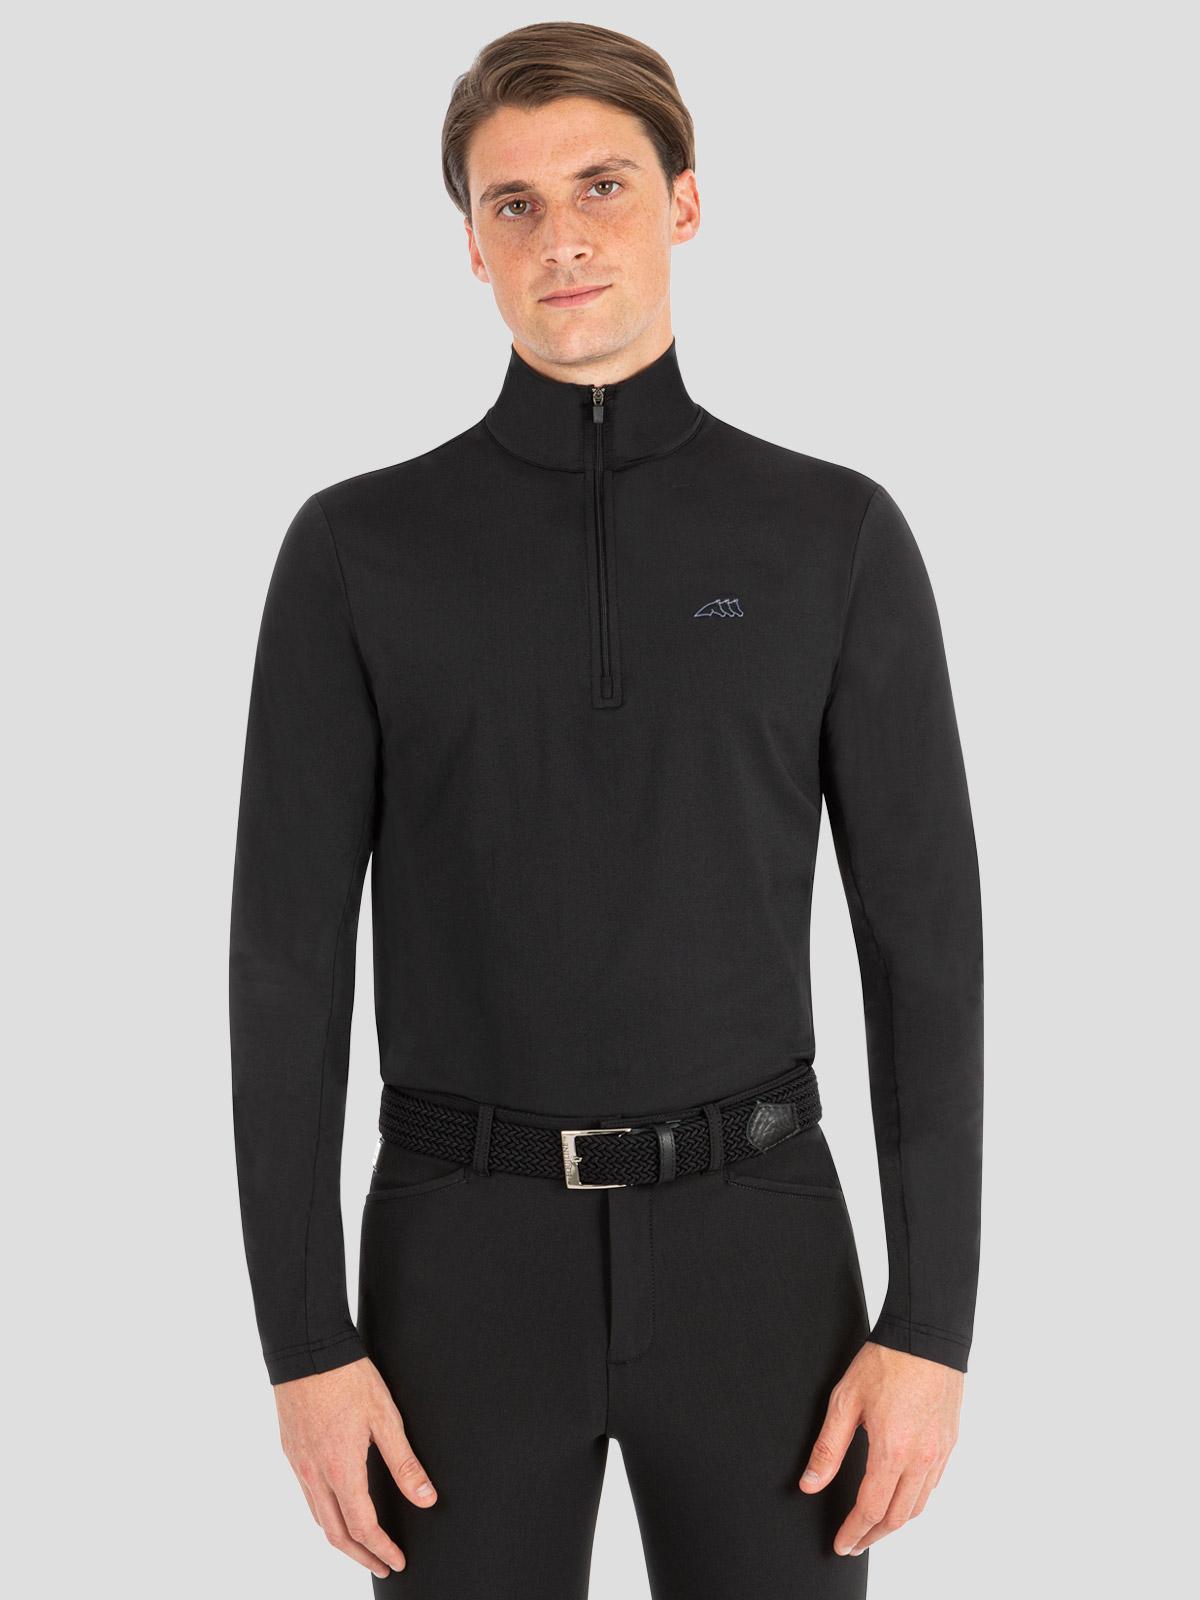 ELM Men's Long-Sleeve 1/4-Zip Training Top 4